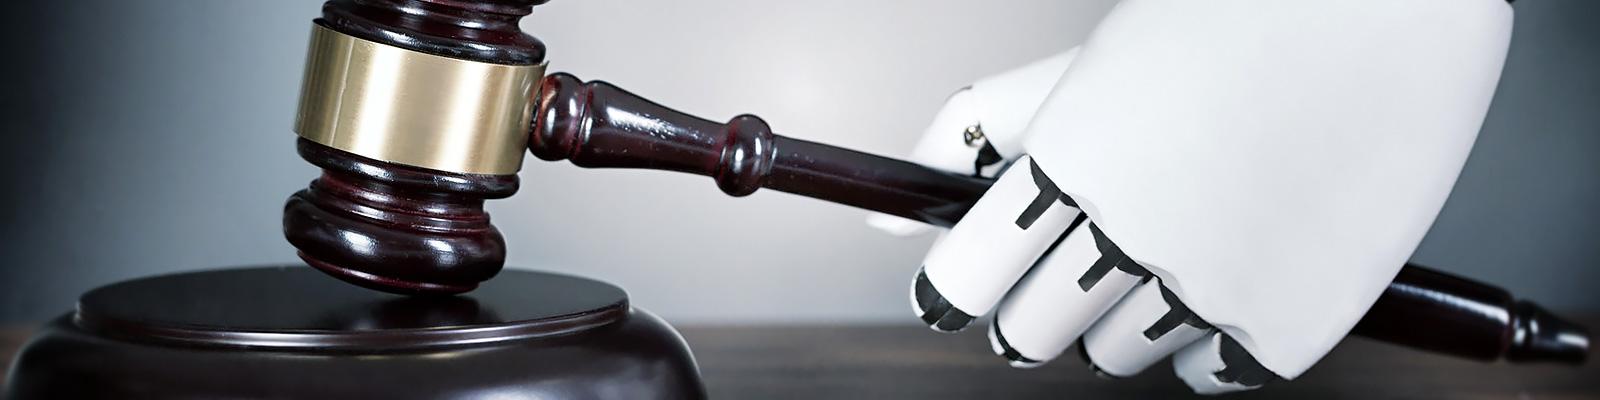 ロボット 裁判 イメージ